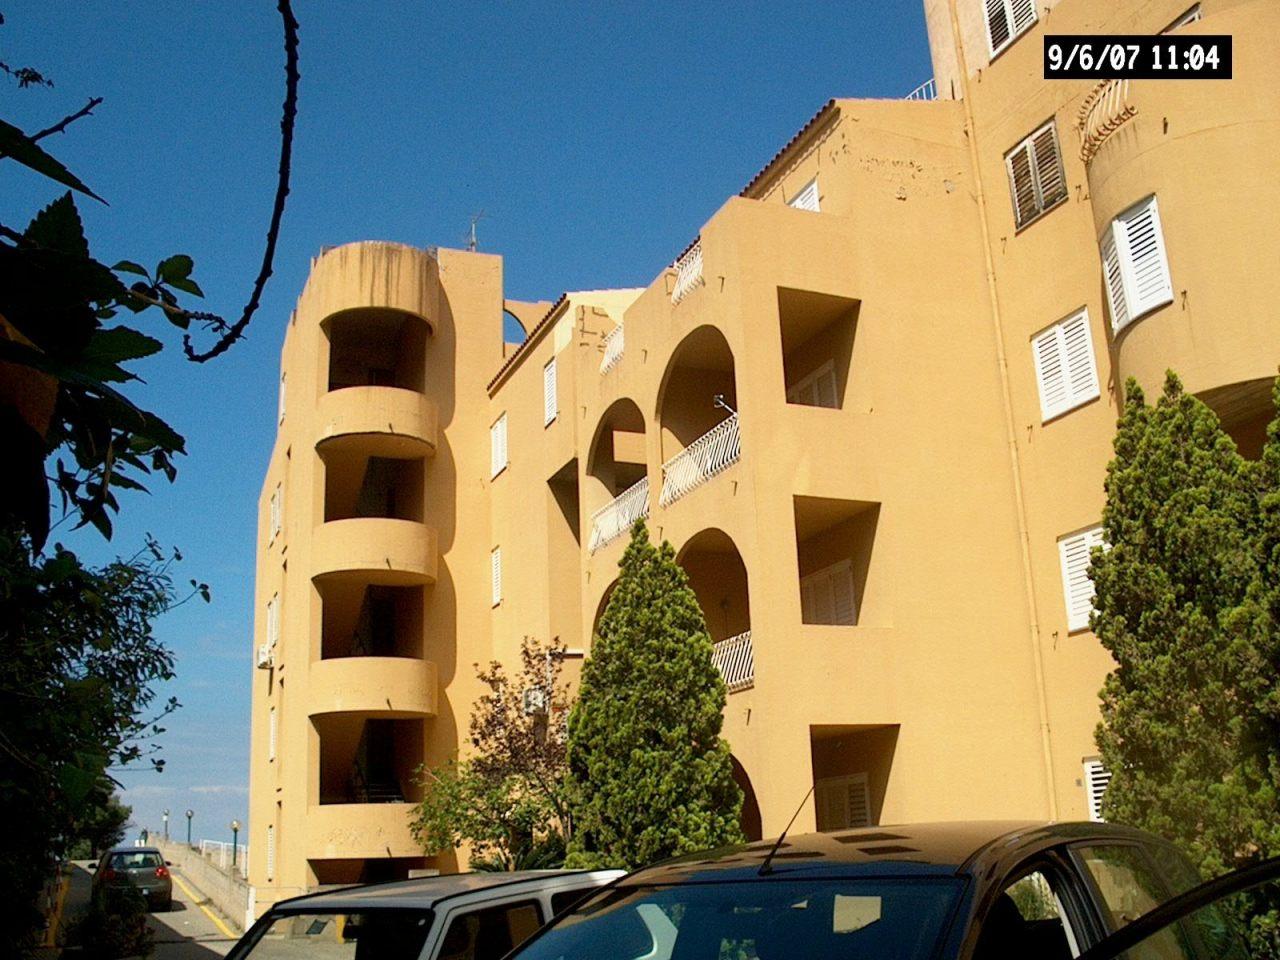 Appartamento in vendita a Reggio Calabria, 2 locali, prezzo € 30.000   CambioCasa.it